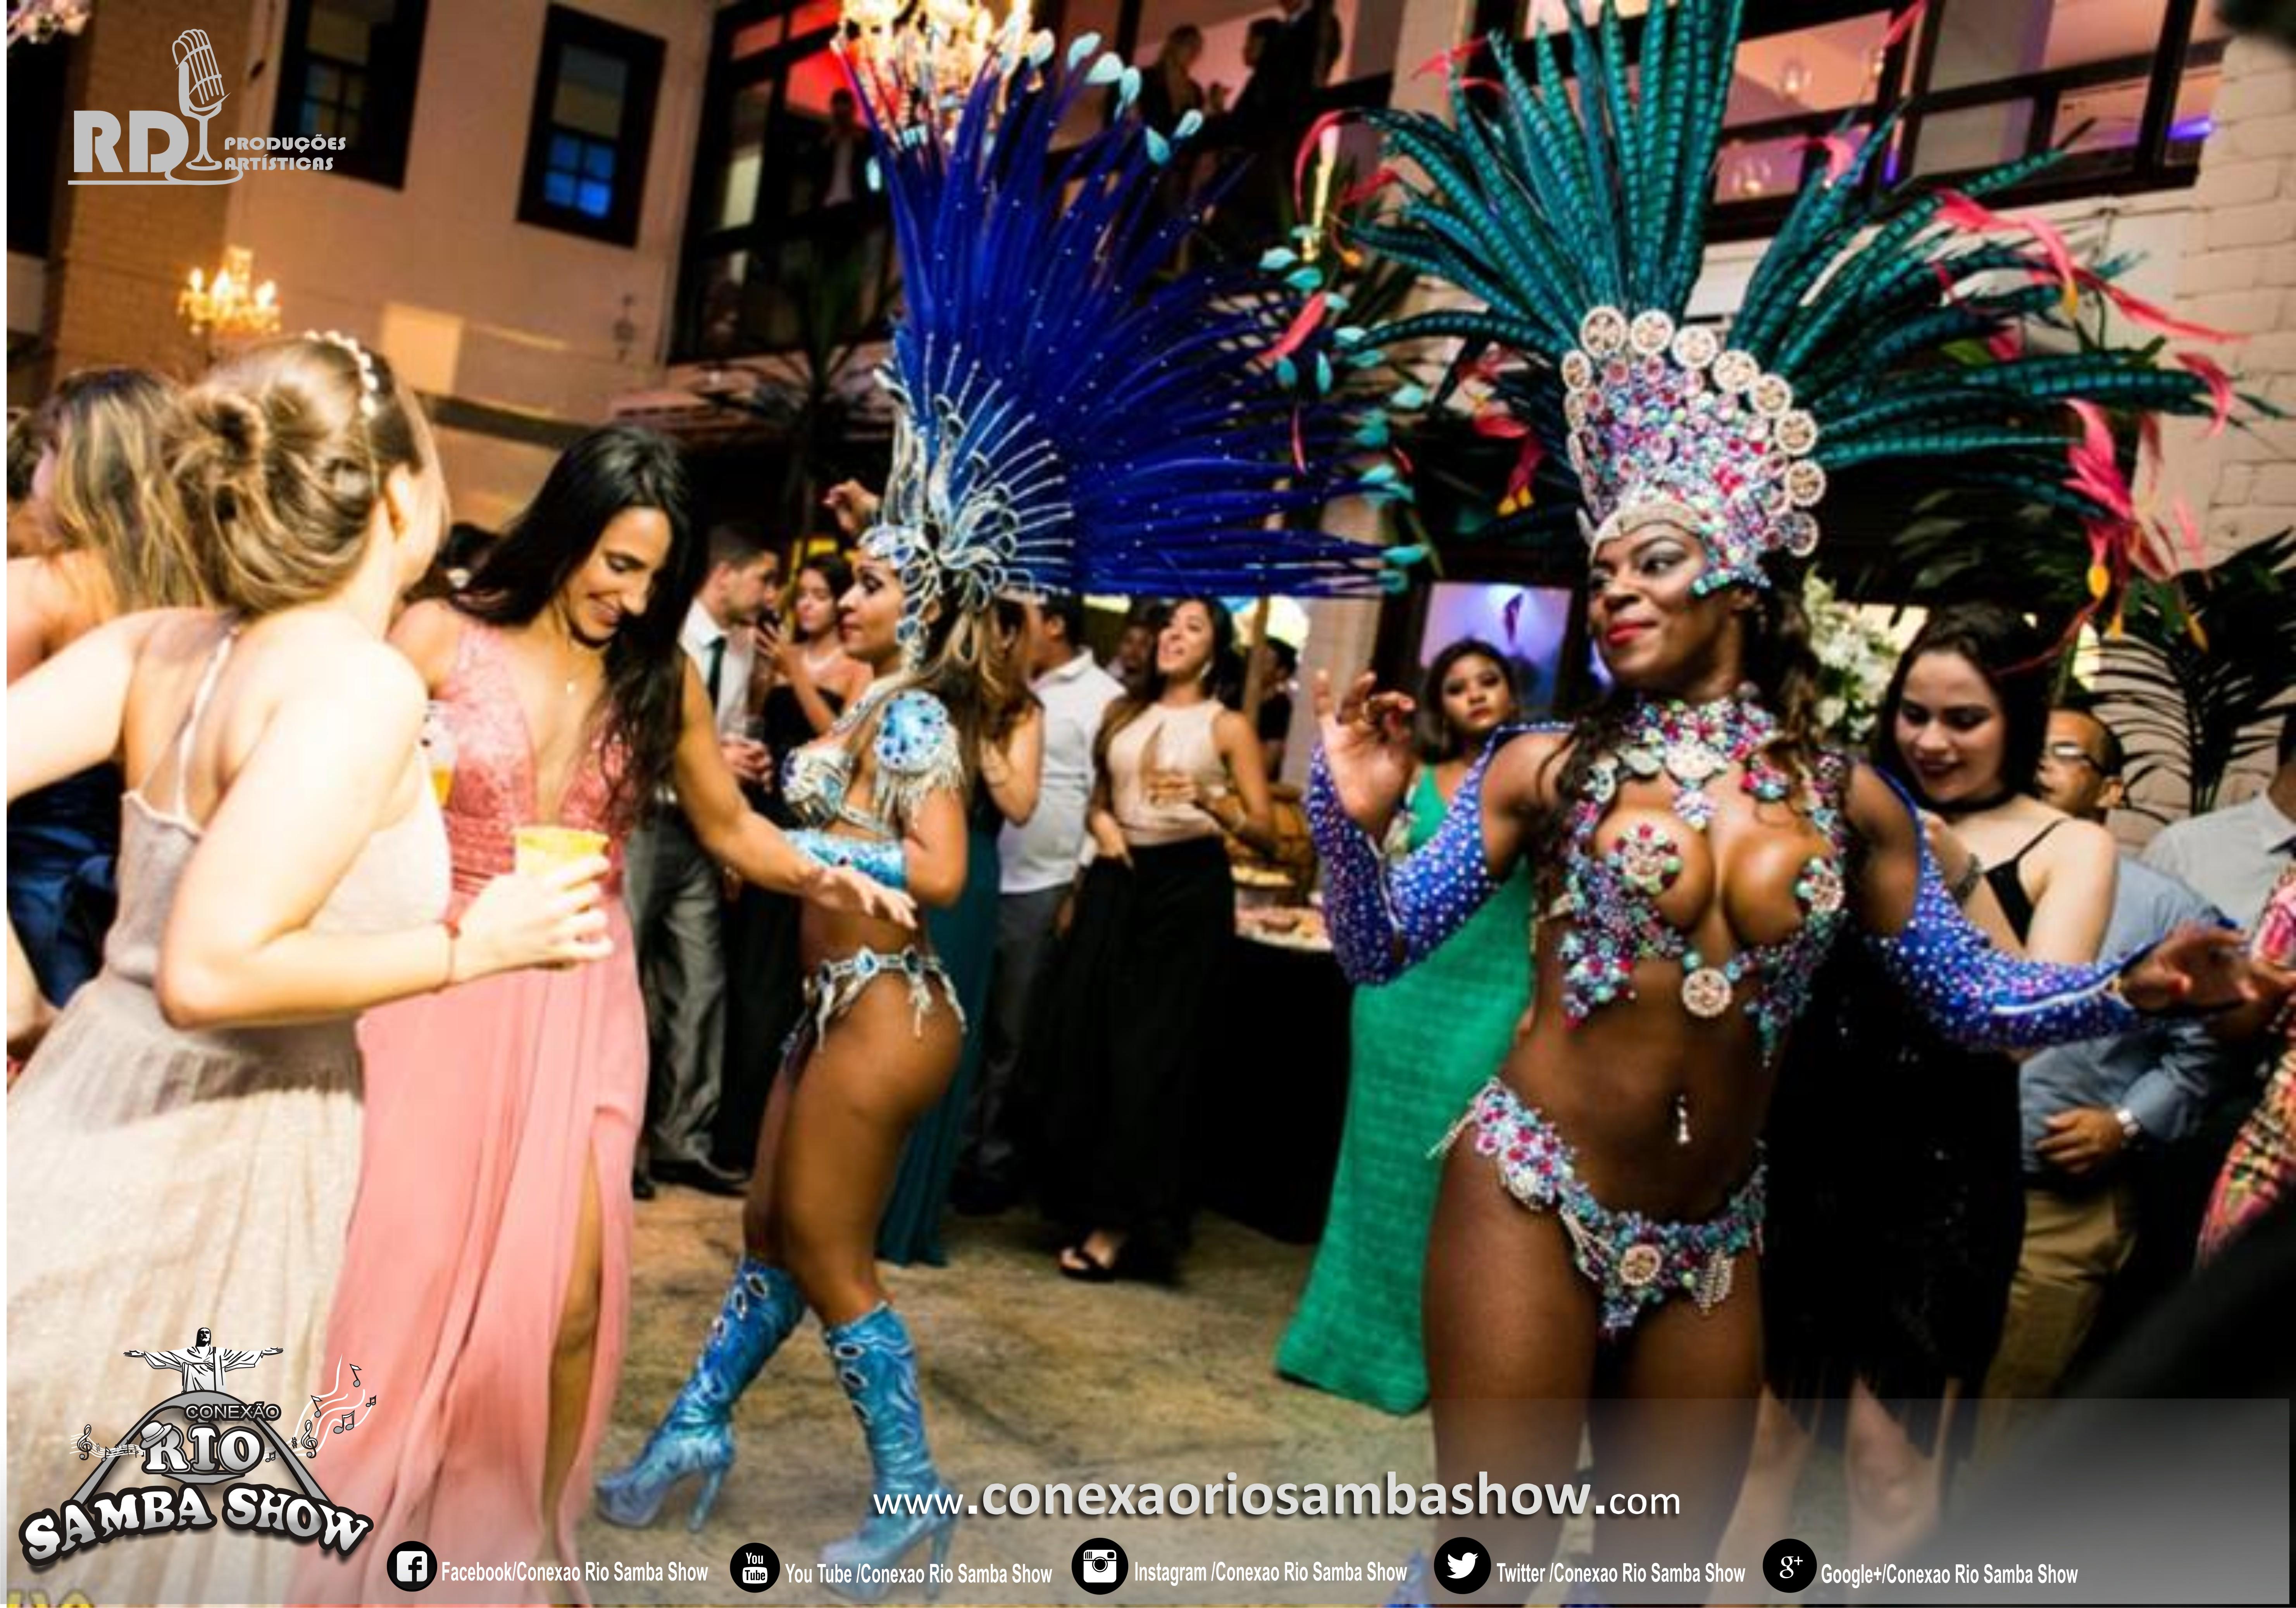 Conexão_rio_samba_show____Formatura_UCAM_Direito_-_04_-_03_-_2017__-_26